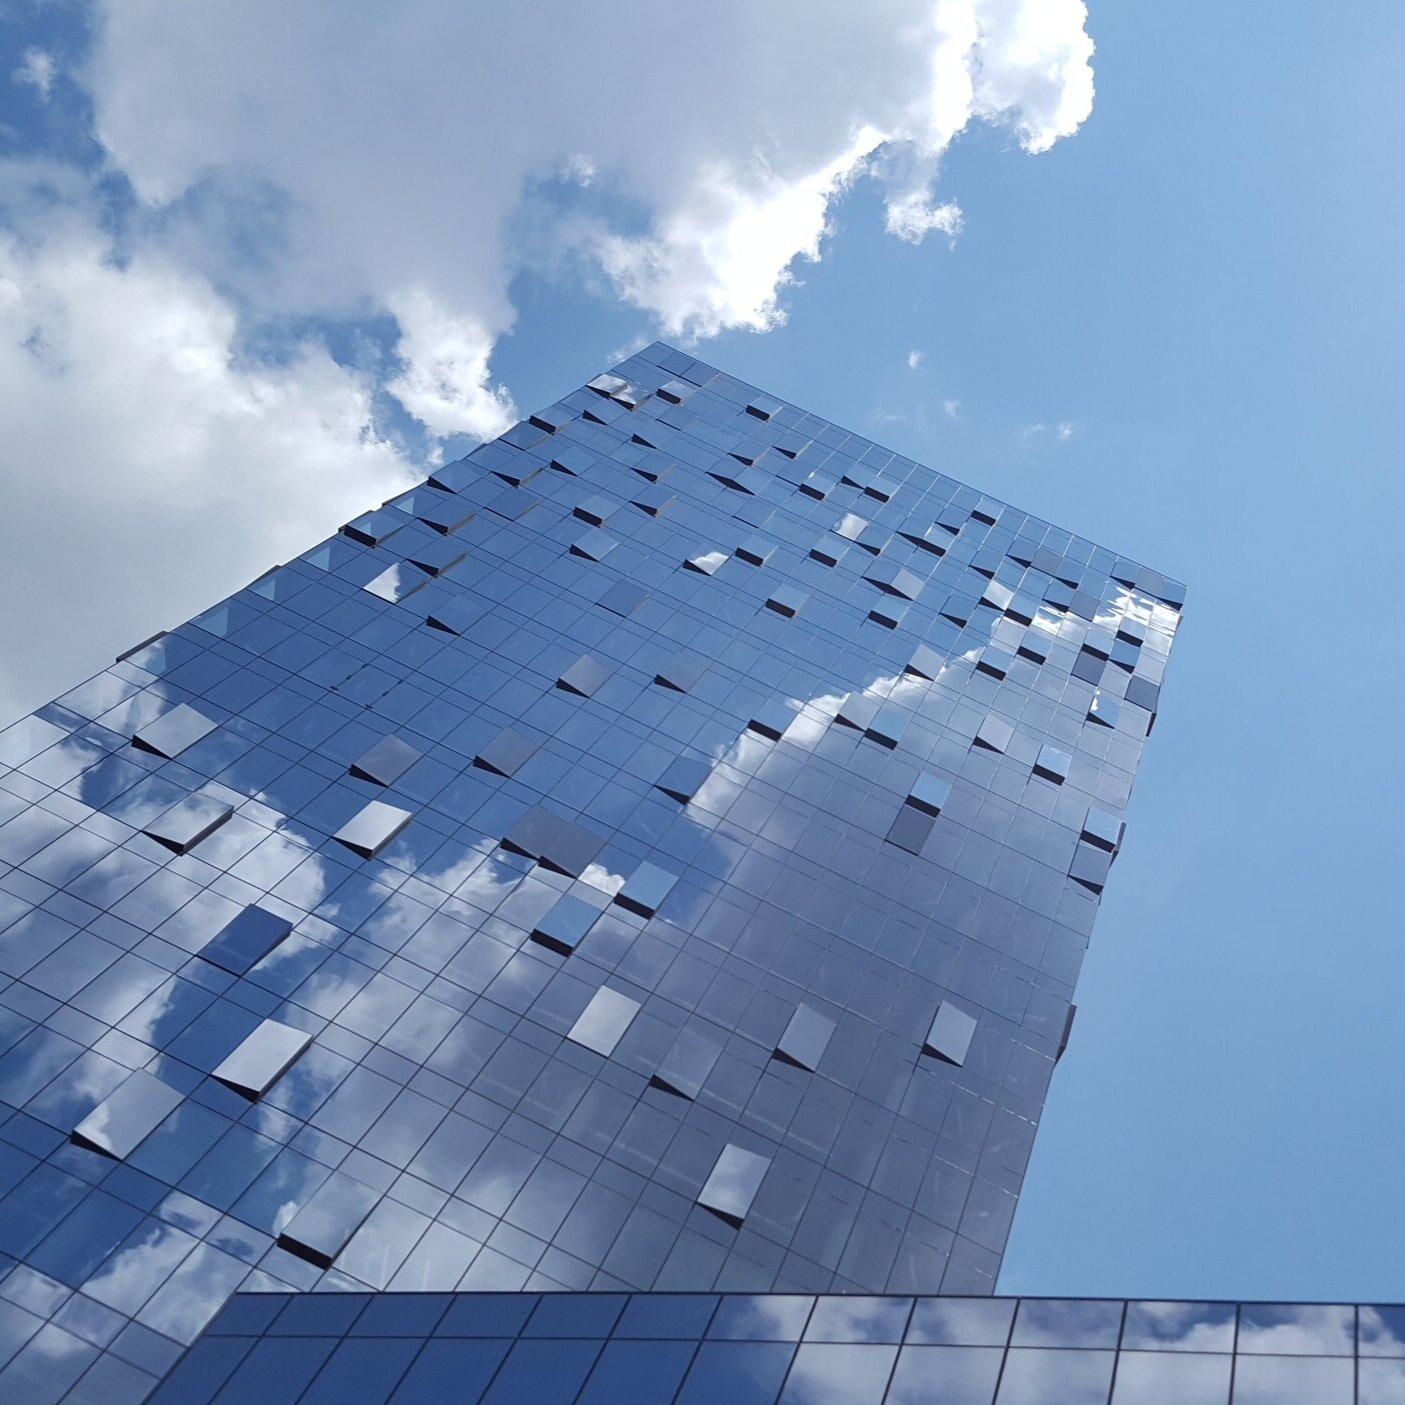 ——亚特兰大建筑改善挑战赛社区项目(完成)亚特兰大建筑改善挑战赛(abc)是一项针对亚特兰大市区商业建筑的自愿项目,建筑业主承诺到2020年将能耗和用水量减少20%(2009年基准). 美国广播公司以20分达到了这一目标.比计划提前两年减少3%的能耗.这是亚特兰大市的联合倡议, Southface, 亚特兰大中部进展, 中城联盟, 和宜居的鹿头社区